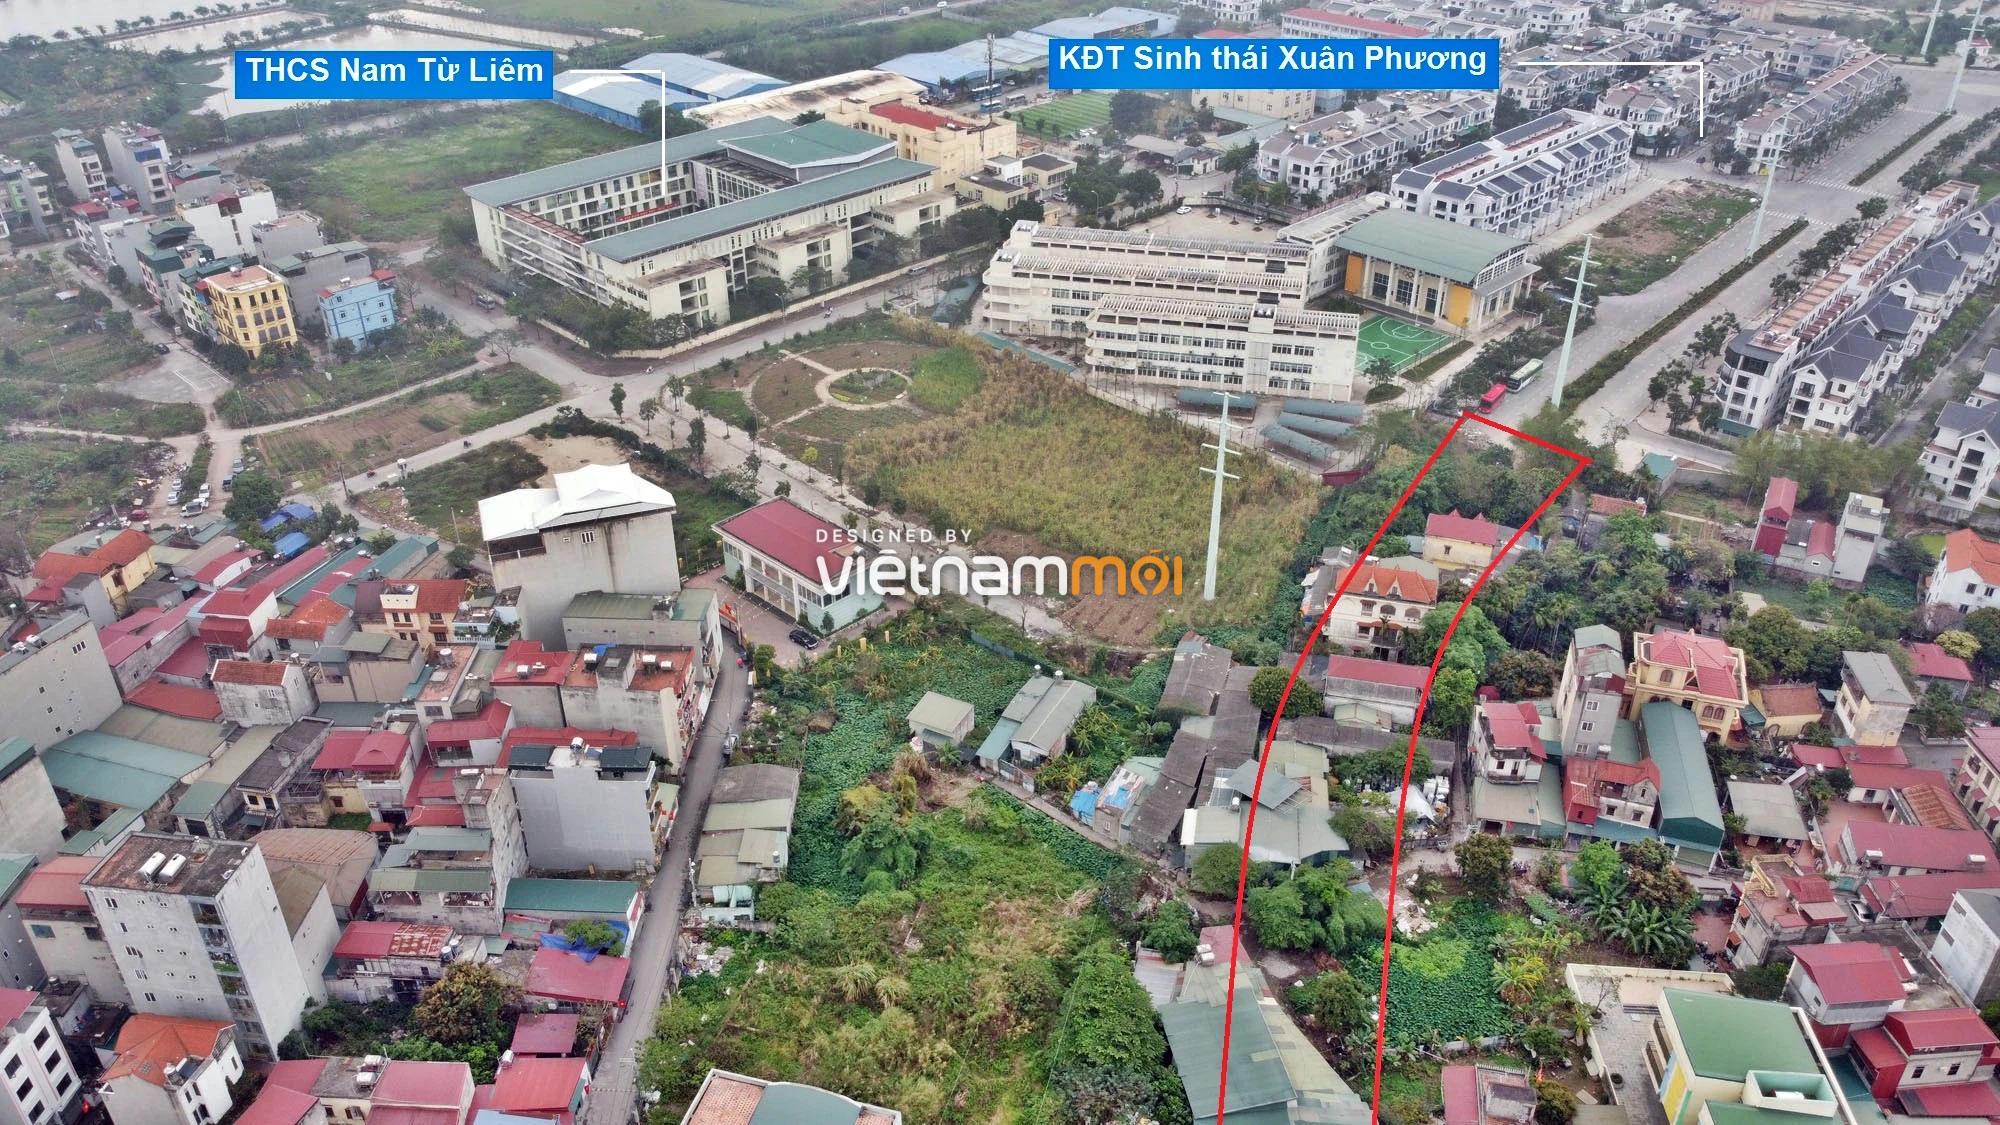 Những khu đất sắp thu hồi để mở đường ở phường Xuân Phương, Nam Từ Liêm, Hà Nội (phần 1) - Ảnh 4.